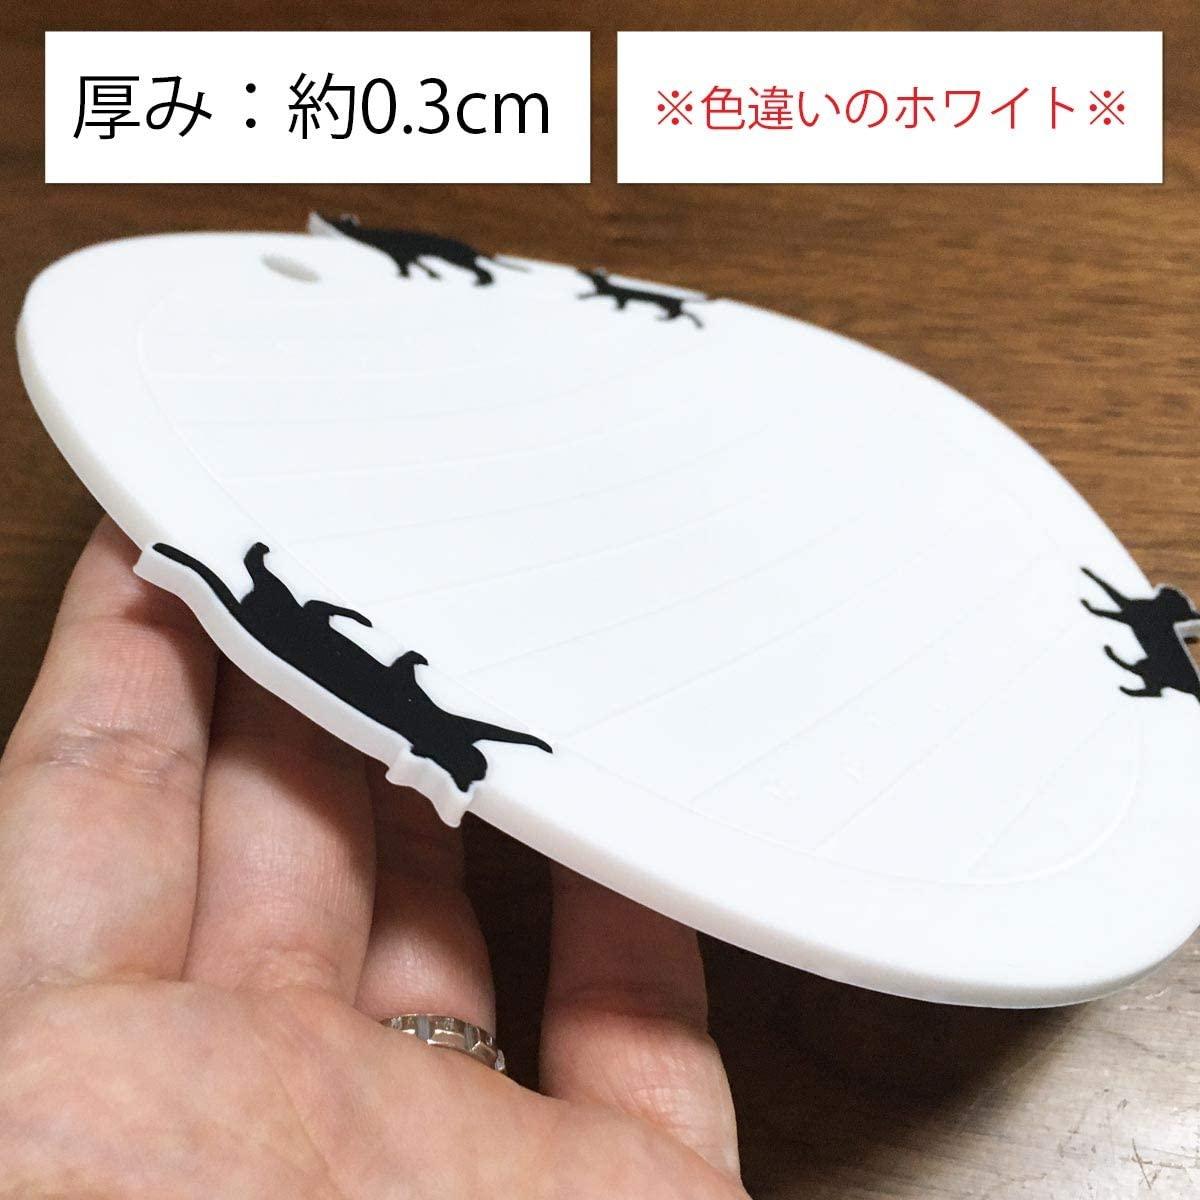 大西賢製販 ネコ シリコン鍋敷き 丸型 BLACK ASC-1402の商品画像2